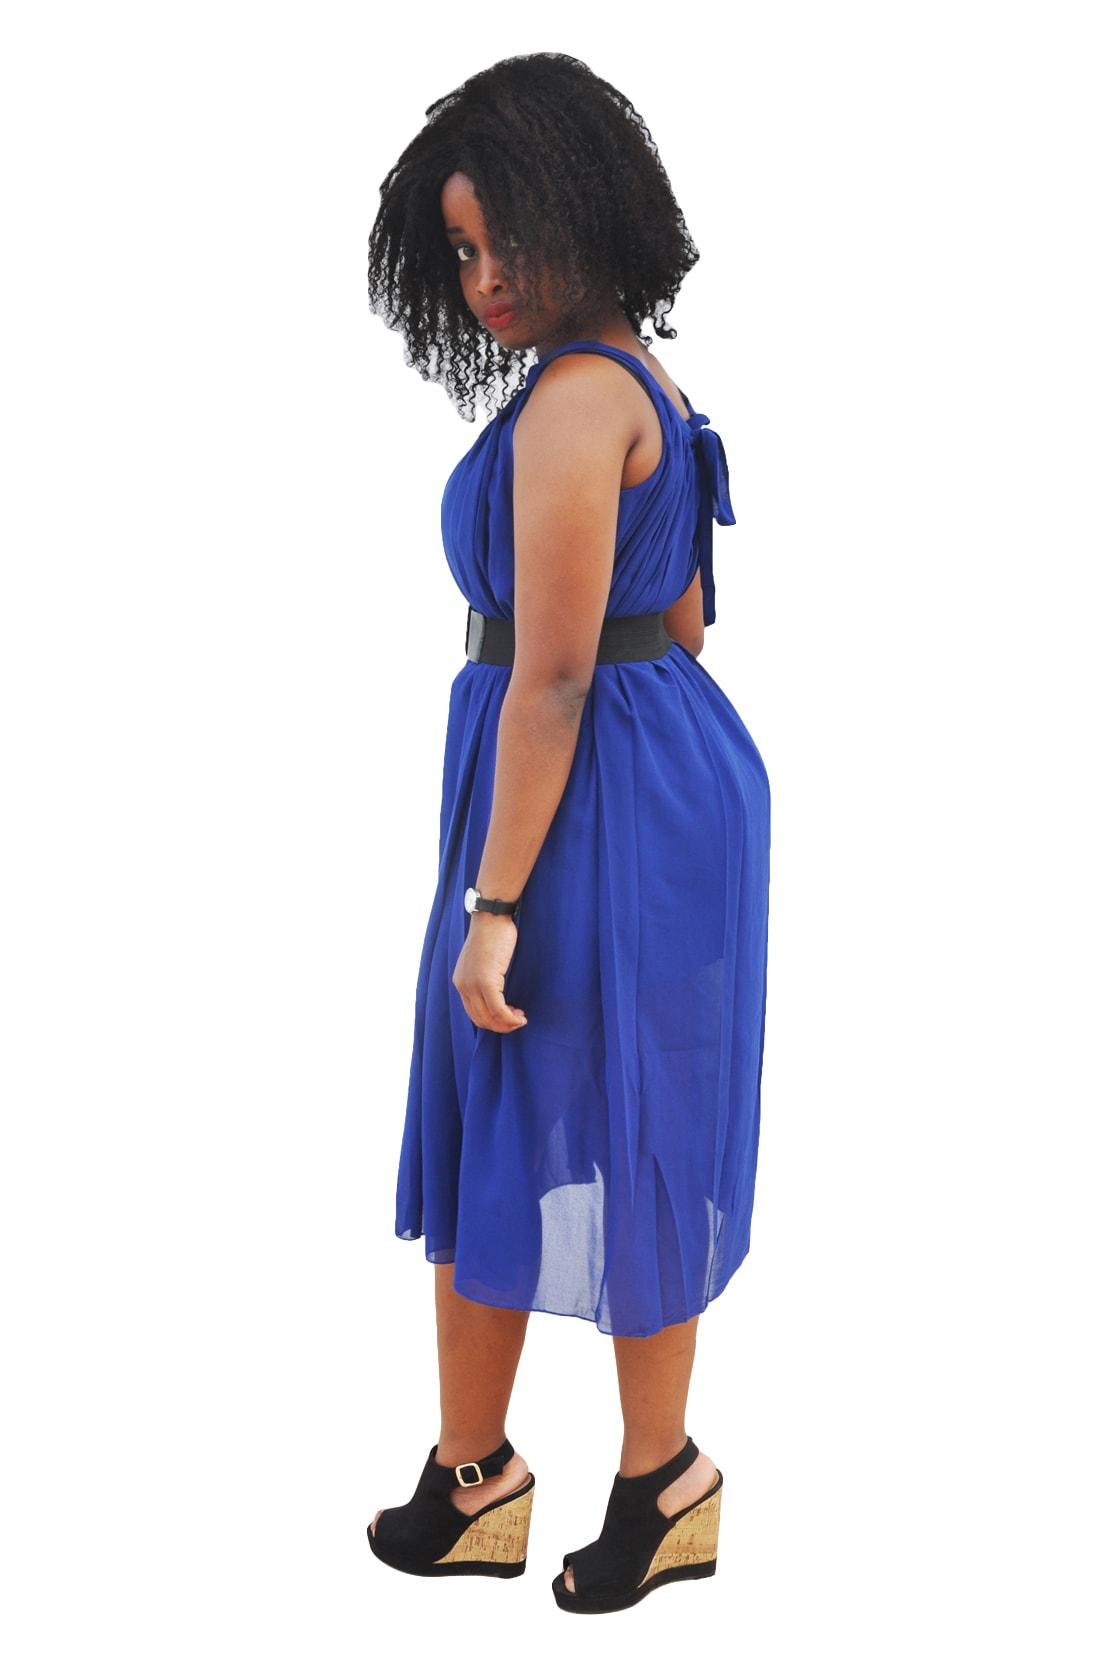 M0247 blue2 Wedding Bridesmaid Dresses maureens.com boutique